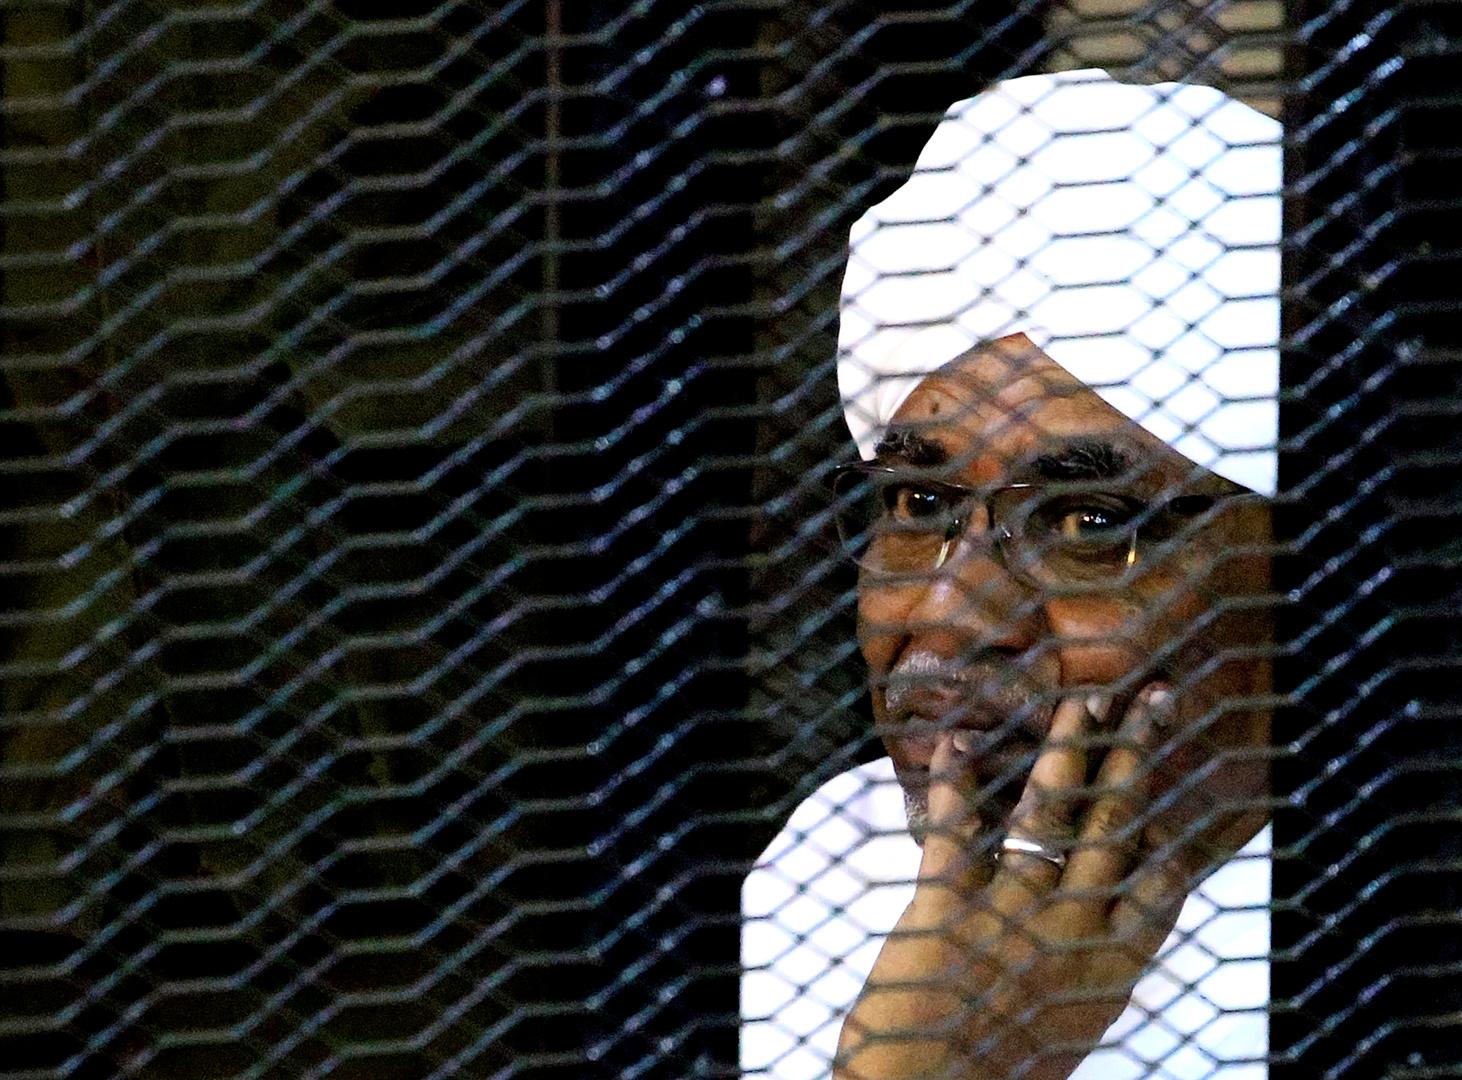 تأجيل محاكمة البشير في قضية انقلاب 1989 إلى الشهر المقبل